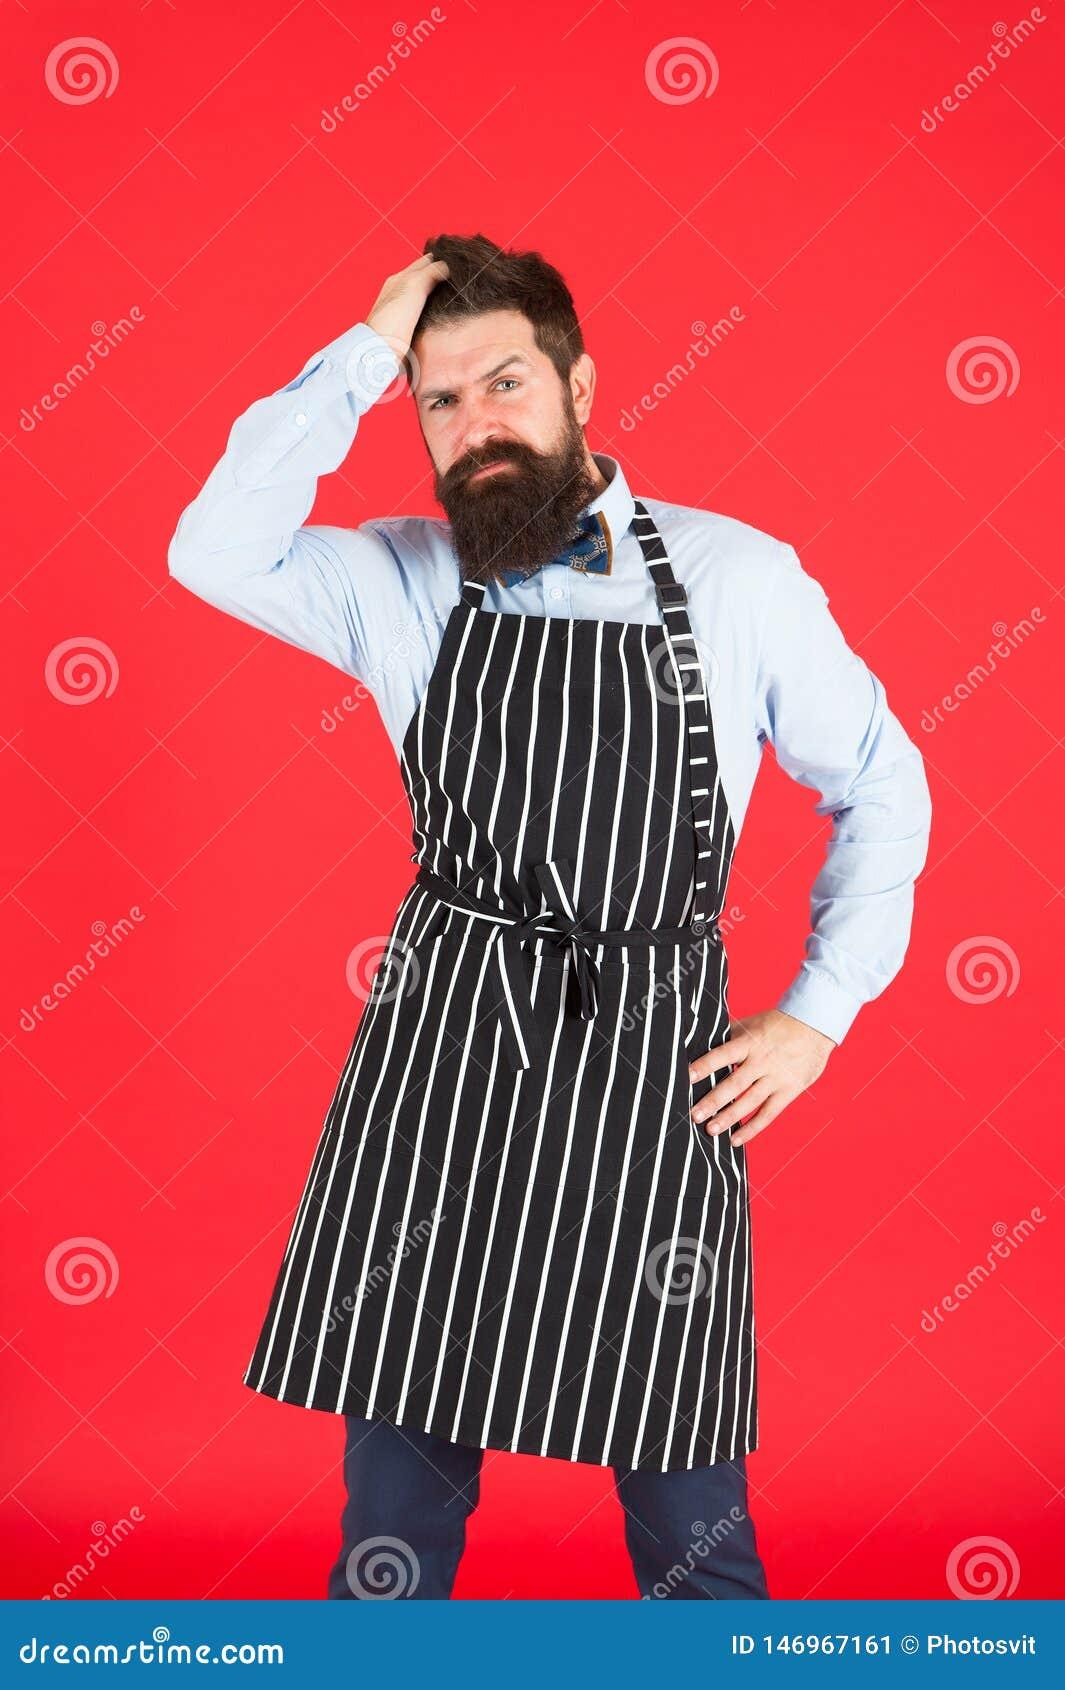 Modernes Caf?konzept Kochen von modernen Mahlzeiten Mann mit Bartkochhippie-Schutzblech Roter Hintergrund des Hippie-Chefkochs b?